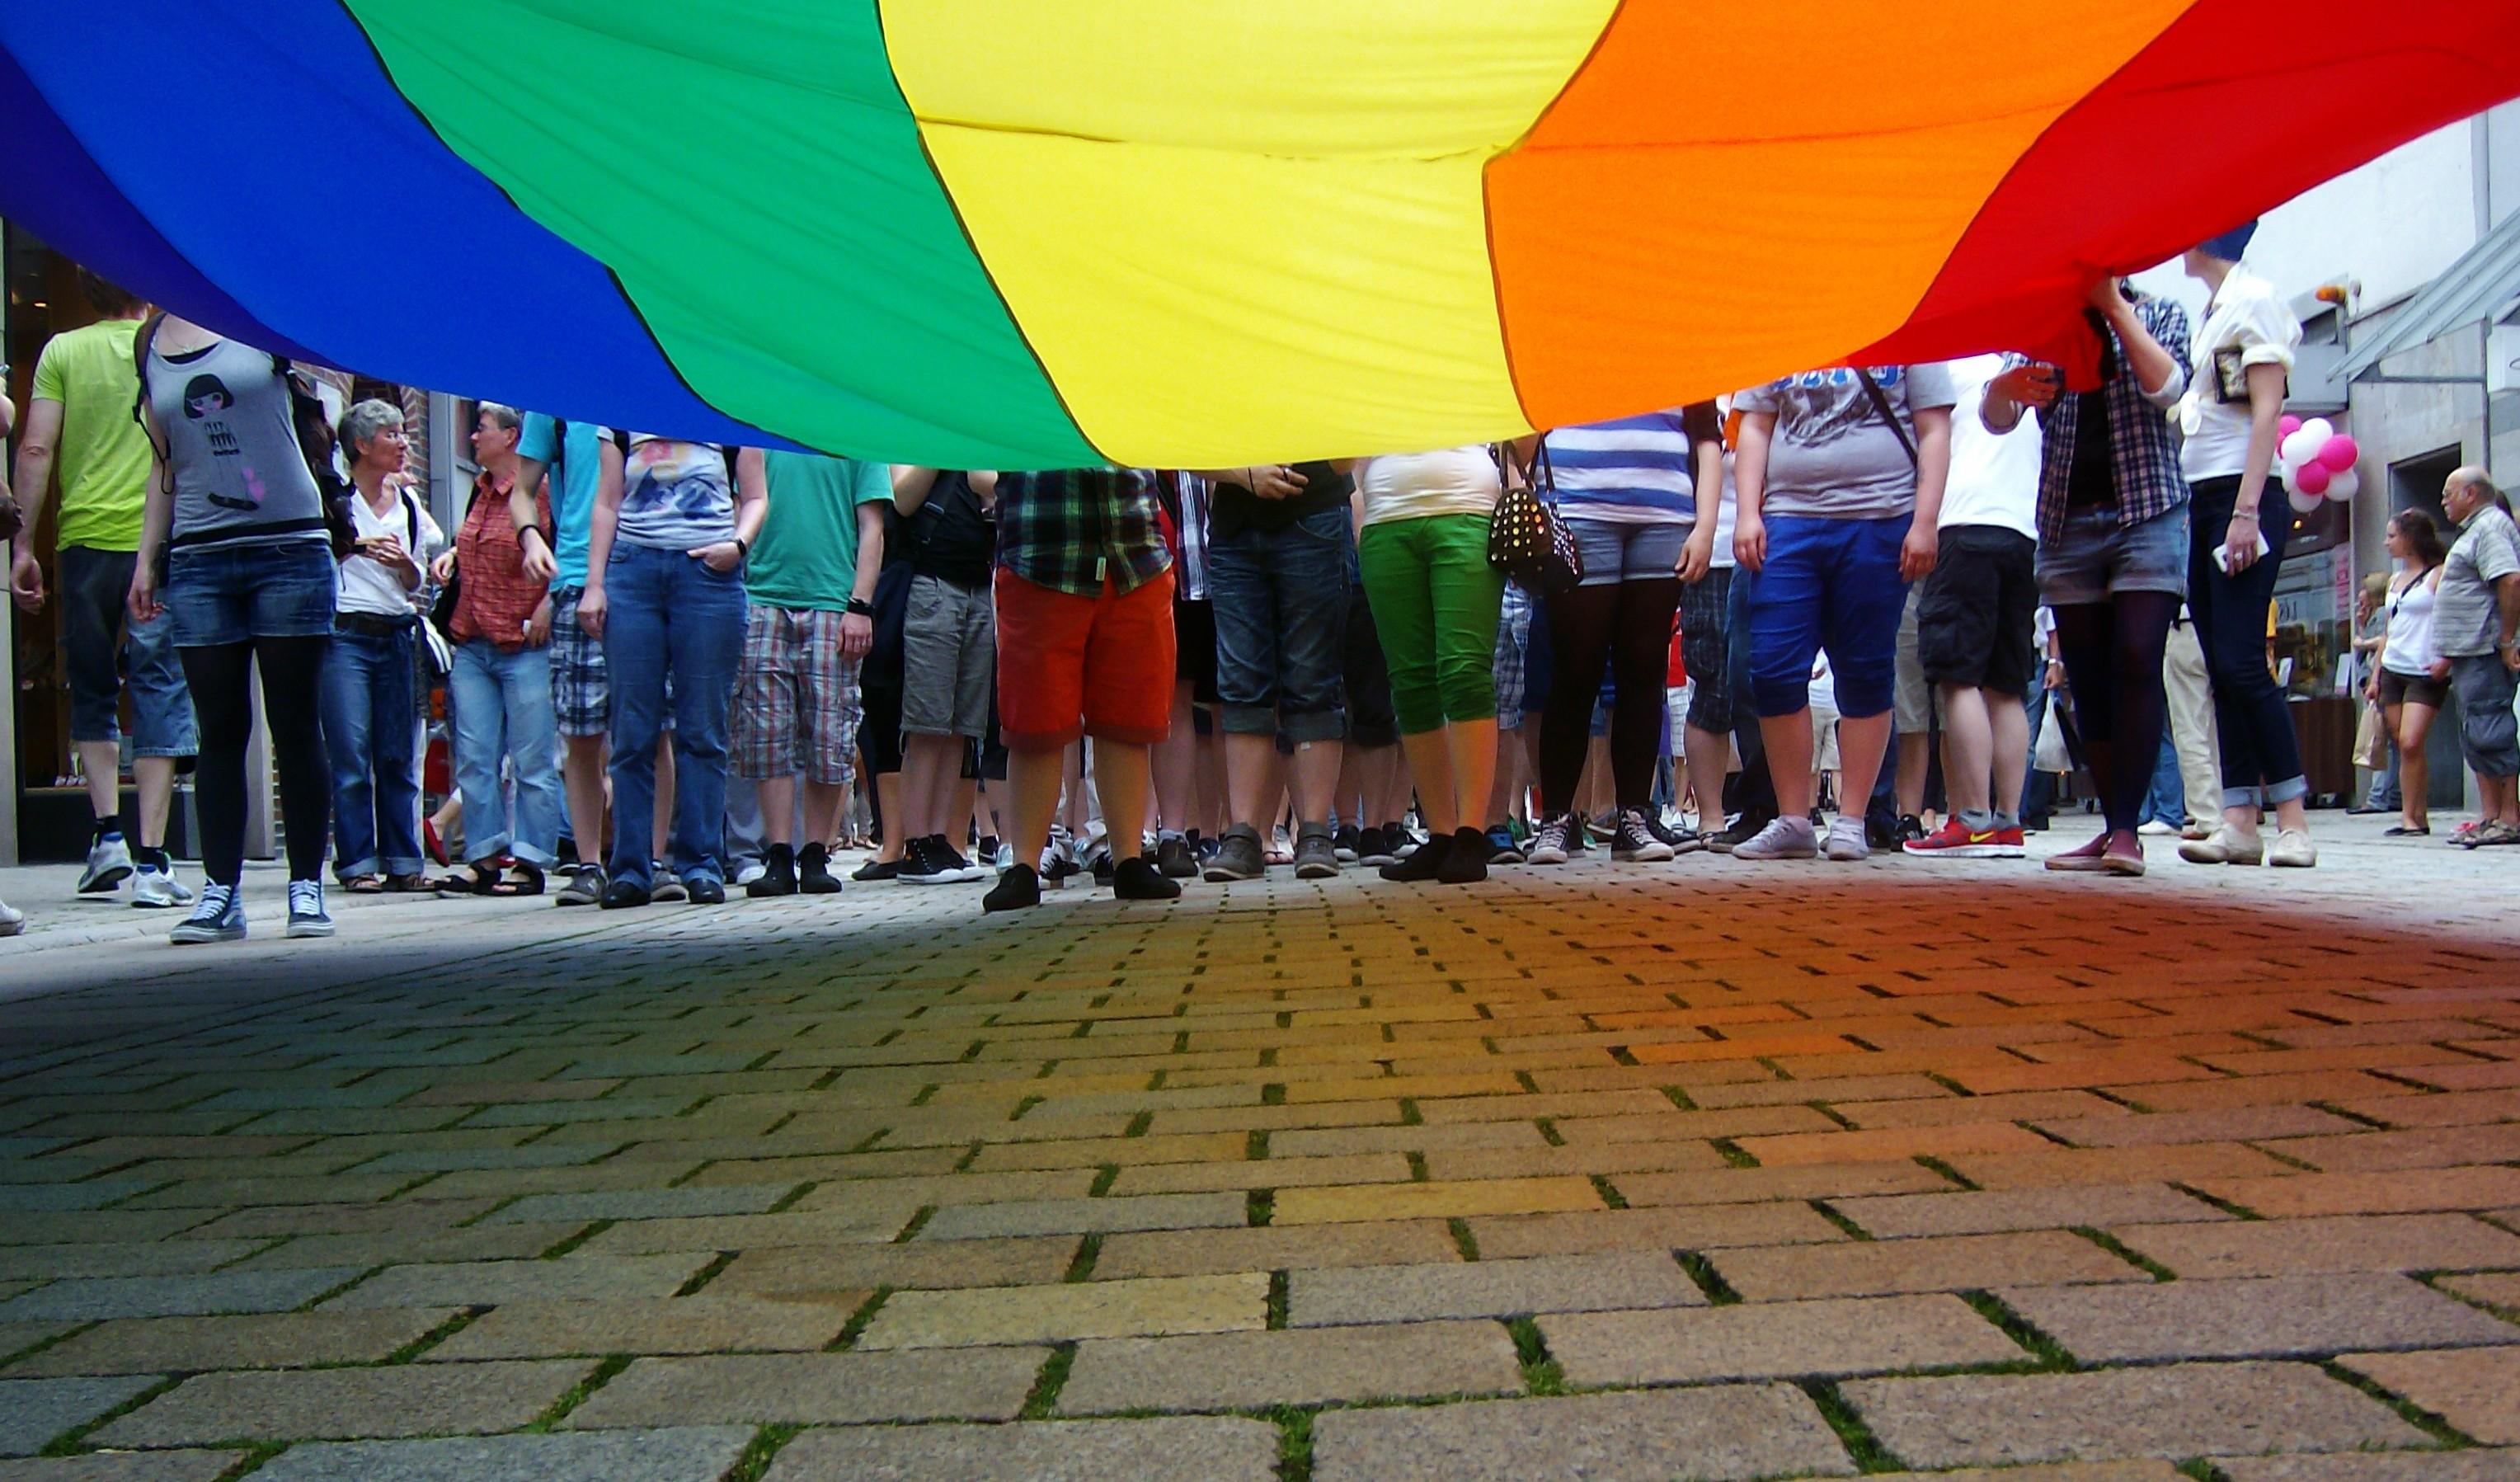 Große Regenbogenfahne von unten